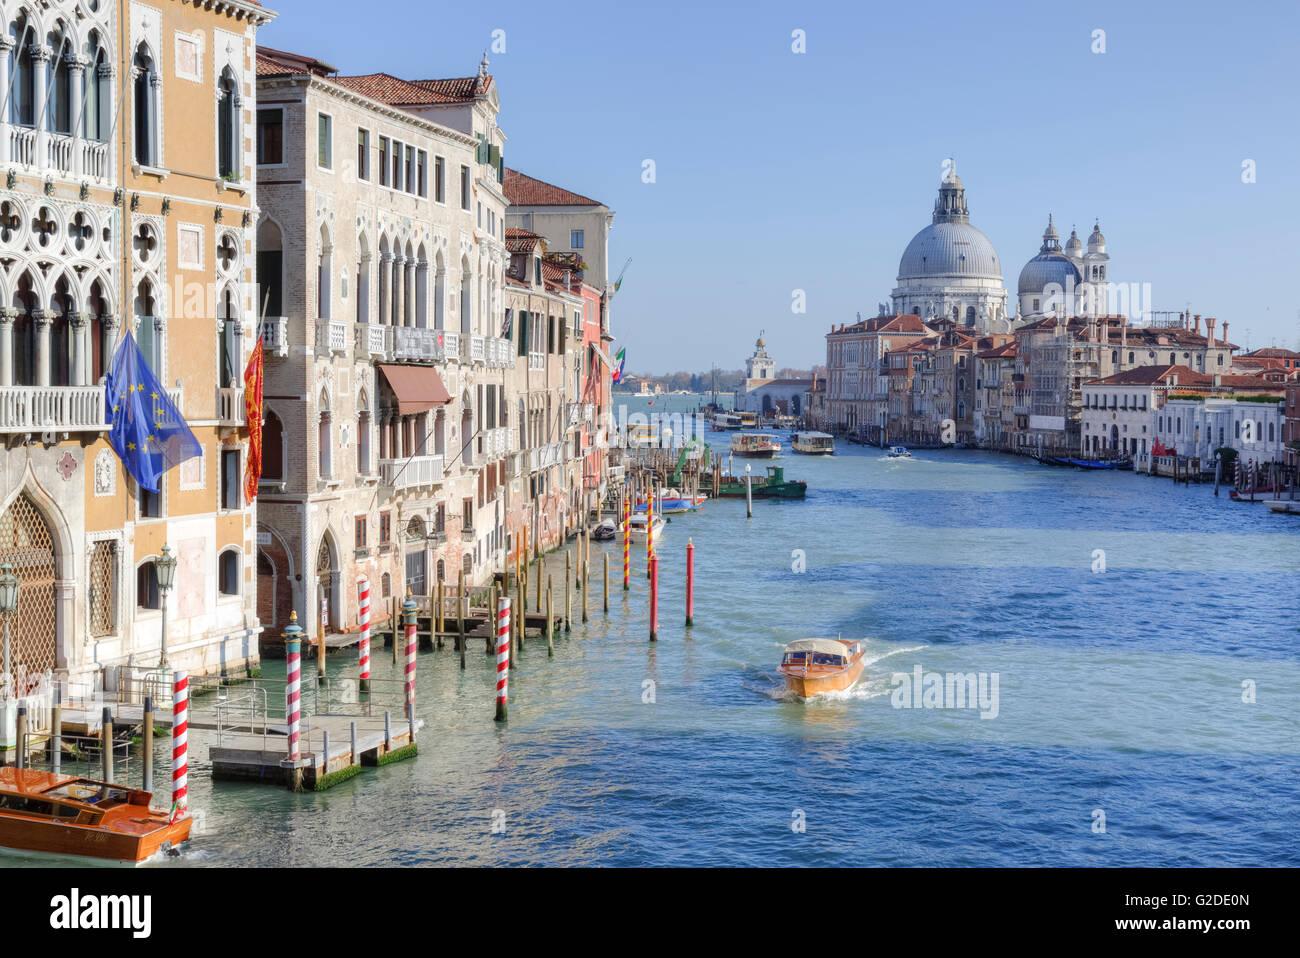 Canal Grande, Venedig, Veneto, Italien Stockfoto